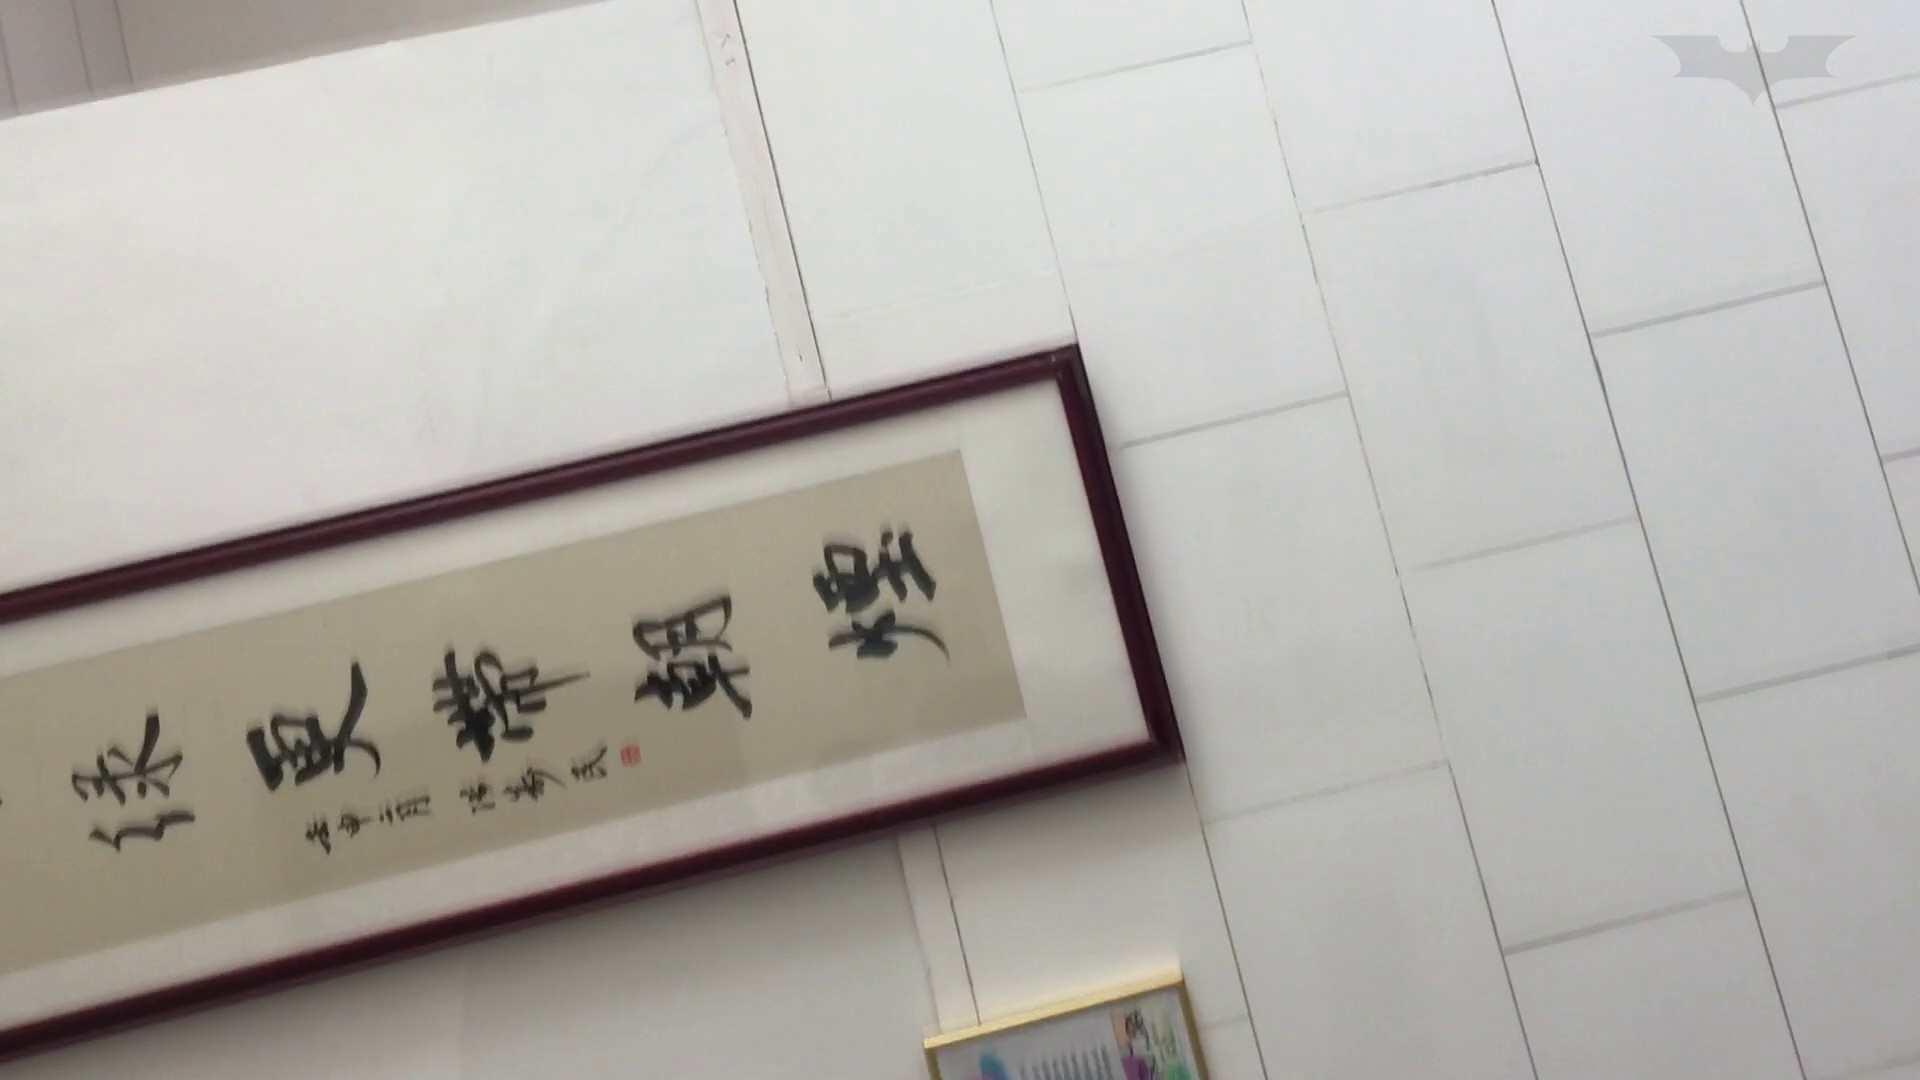 芸術大学ガチ潜入盗撮 JD盗撮 美女の洗面所の秘密 Vol.91 トイレ  84pic 28